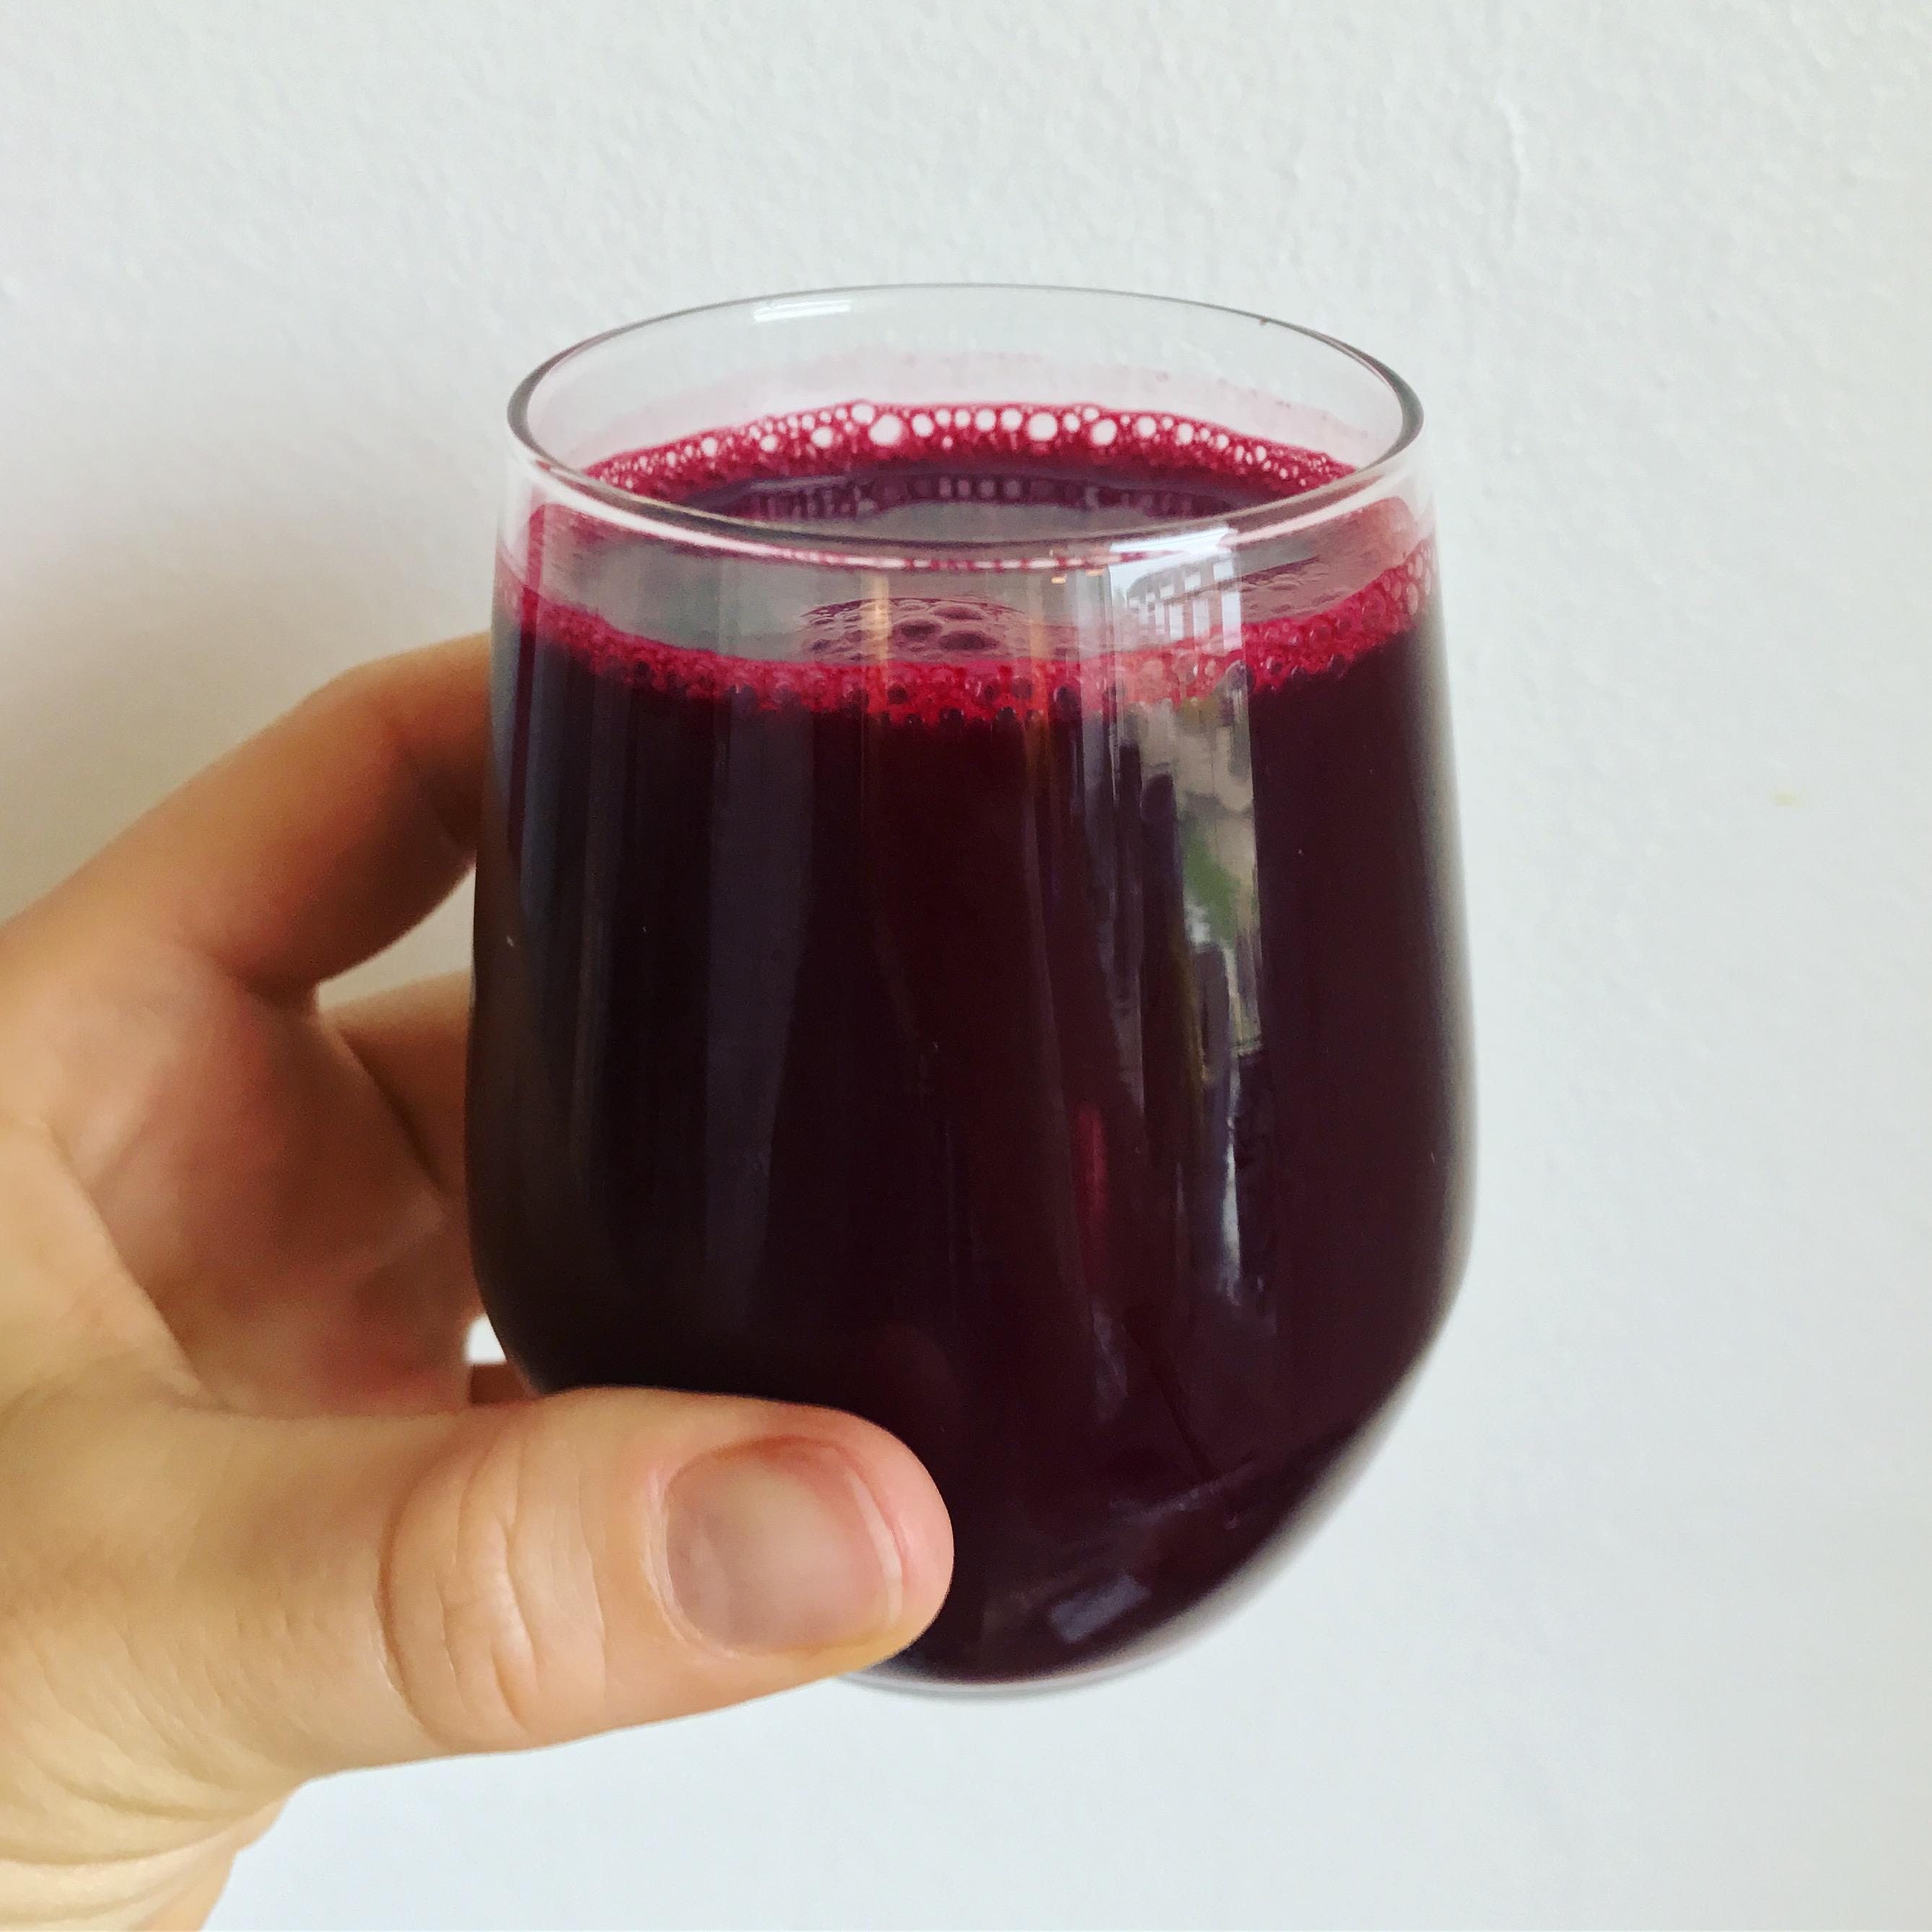 Min Hurom slowjuicer og 2 opskrifter med rodbede - Madogkaerlighed